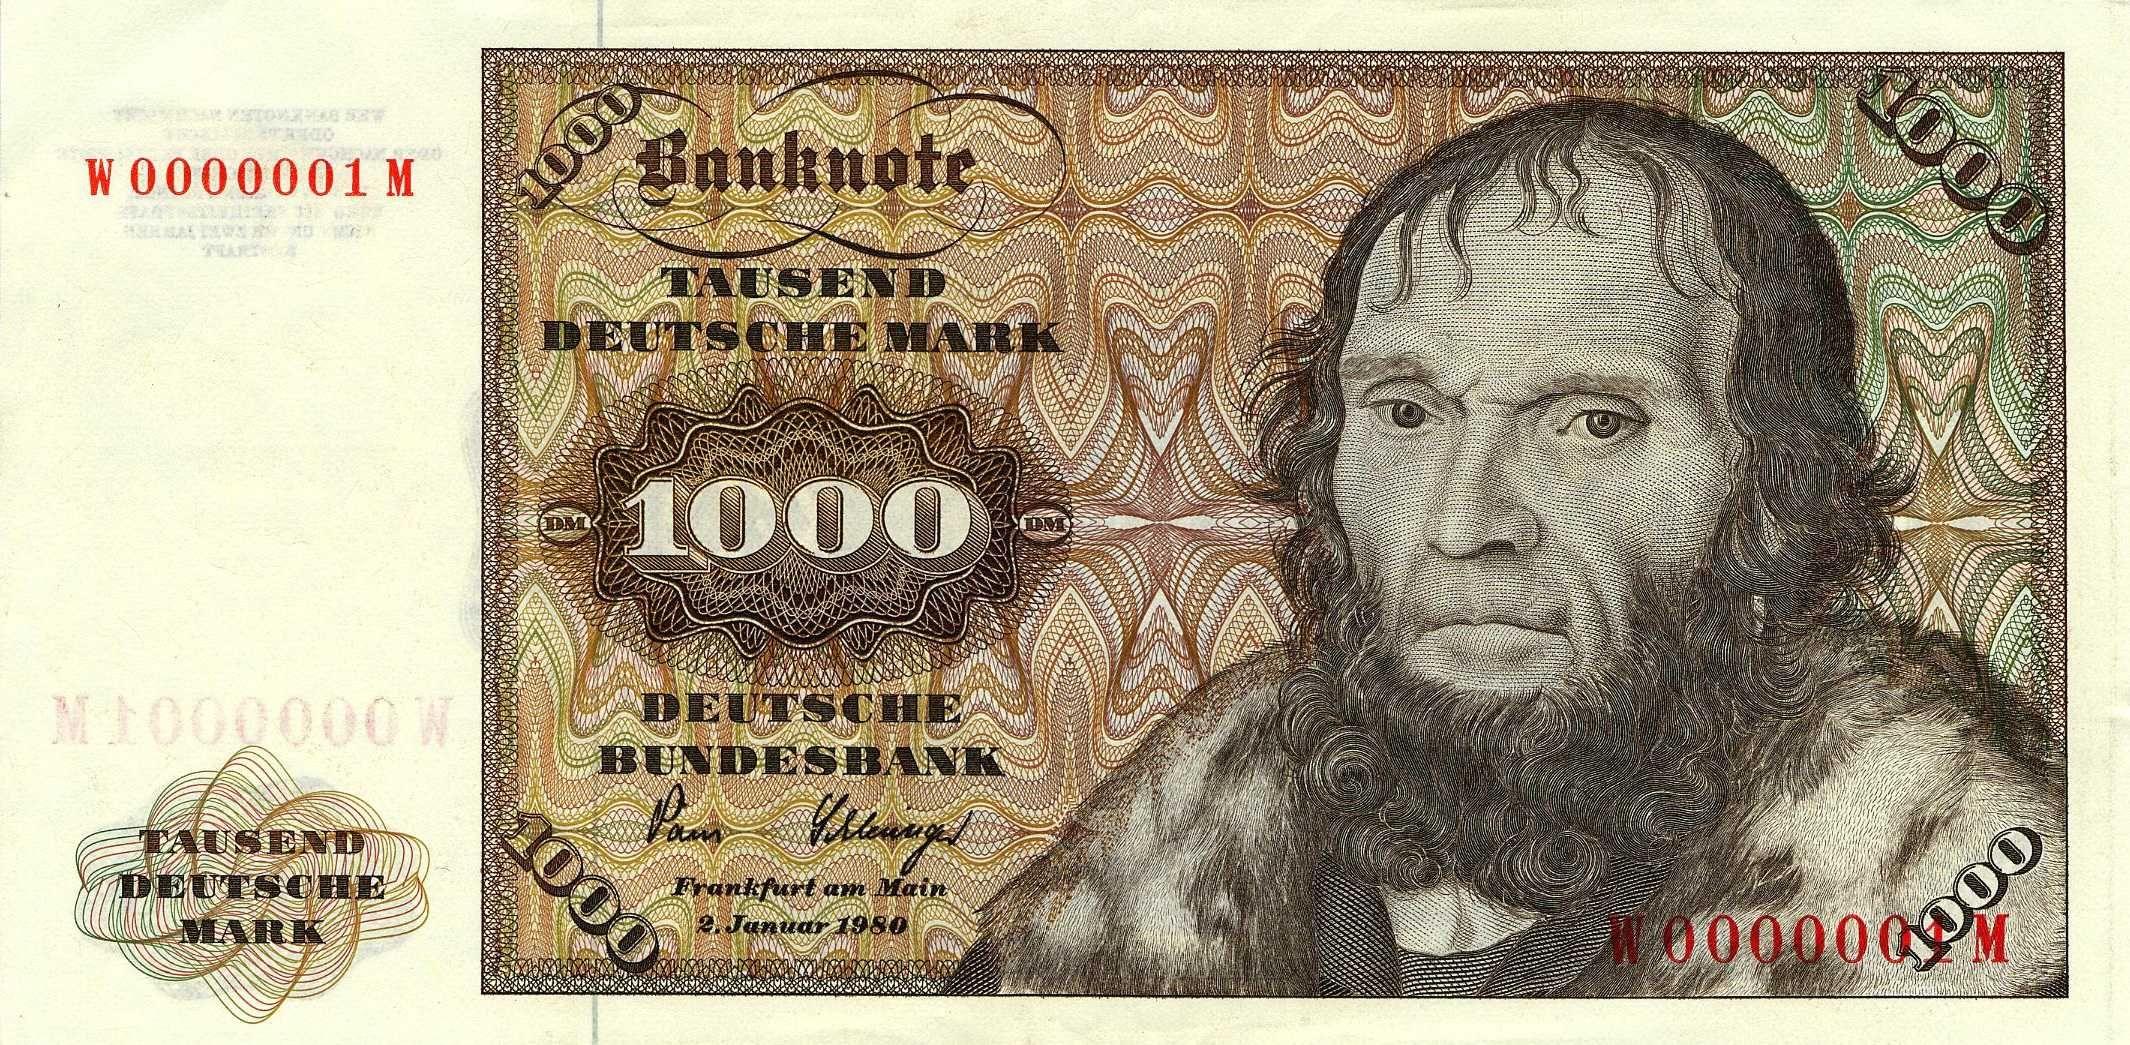 Banknote 1000 Deutsche Mark 1980 Schoner Bank notes